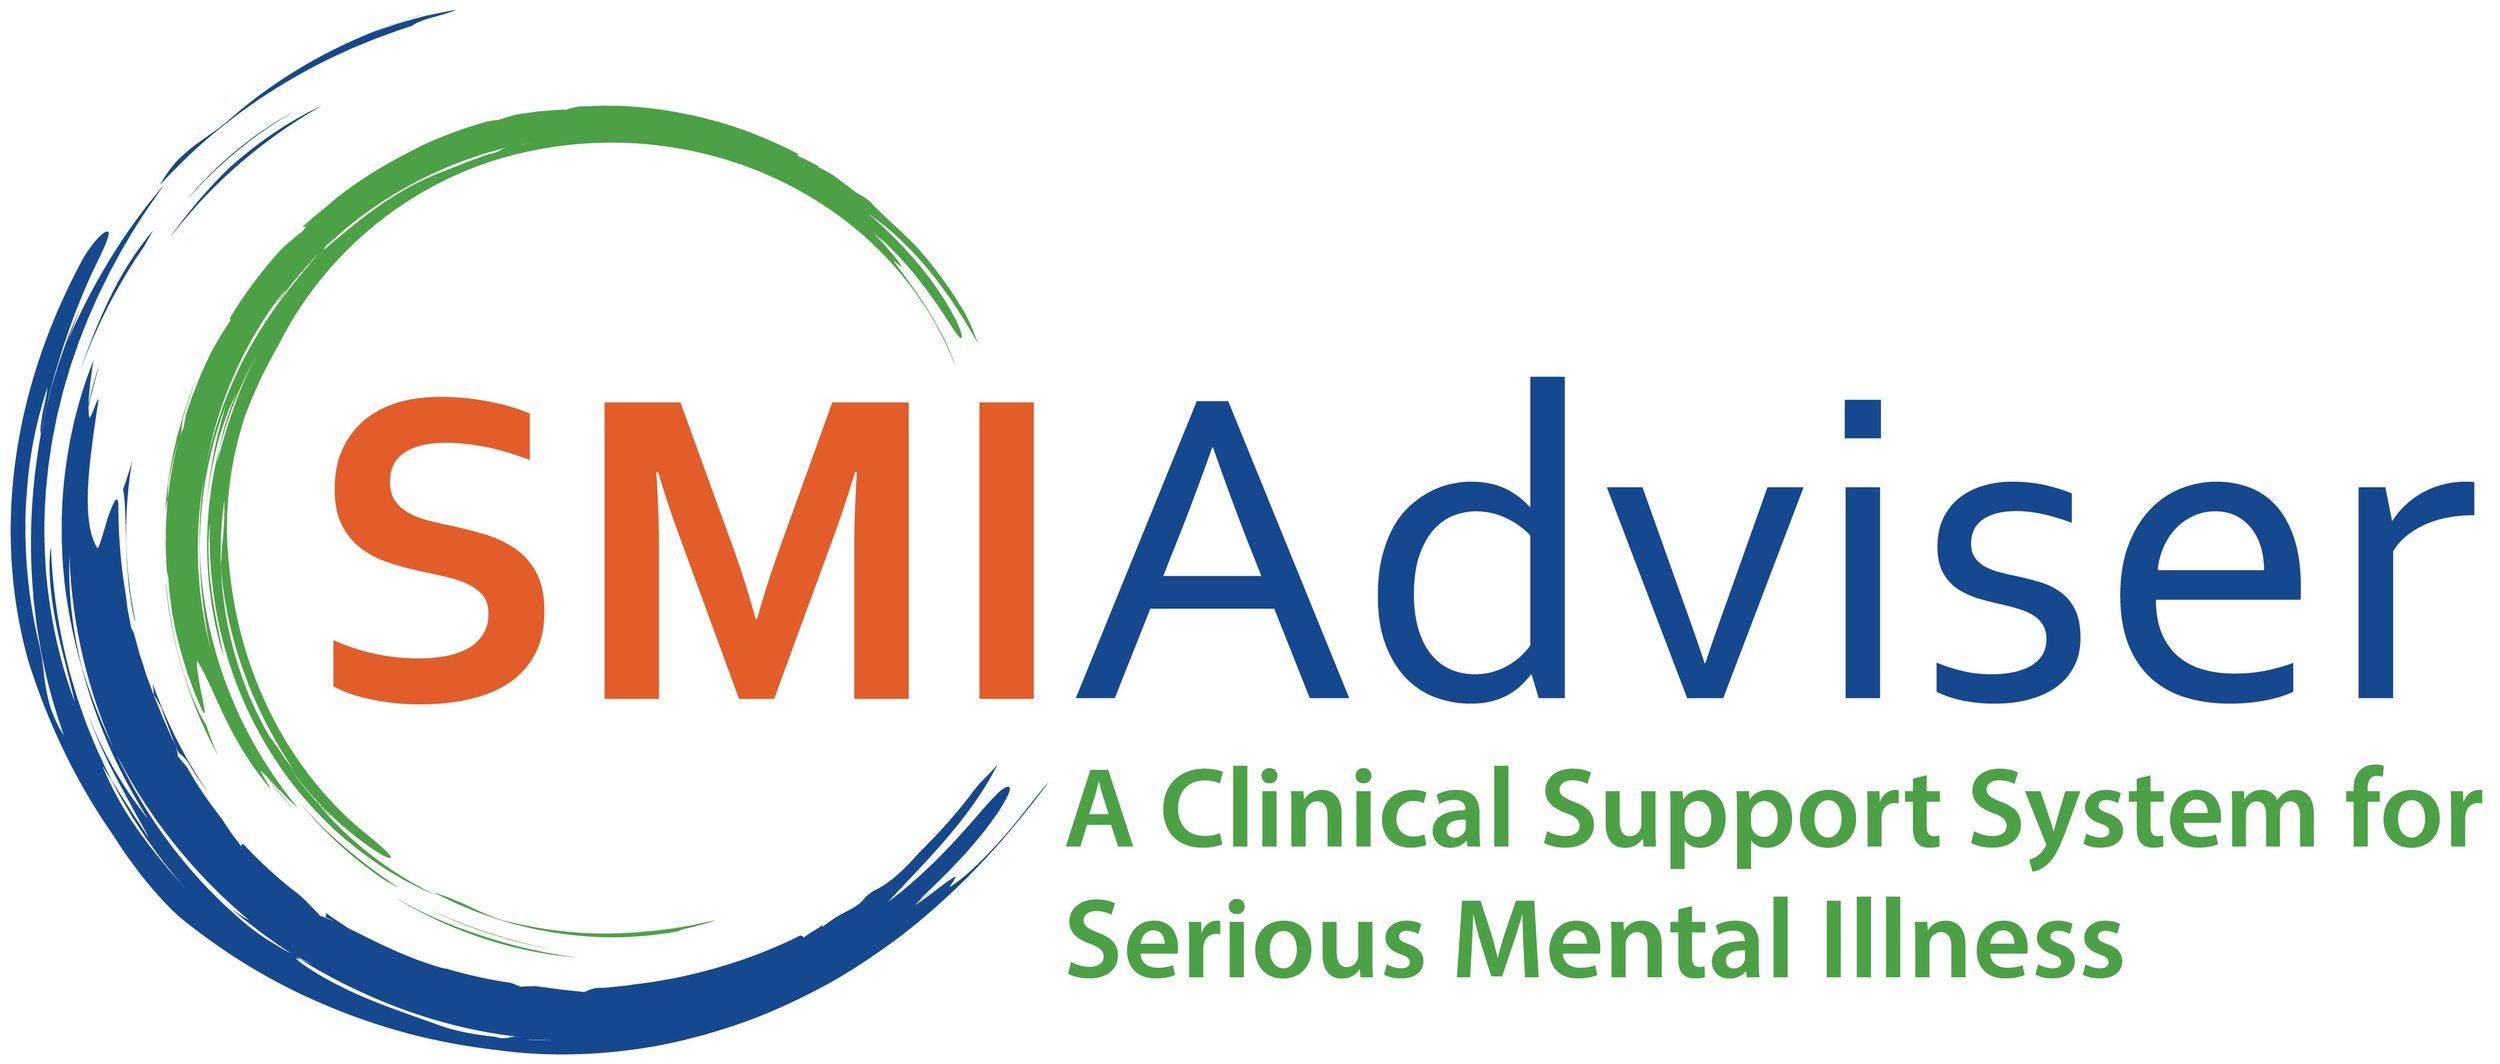 SMI adviser logo.jpg